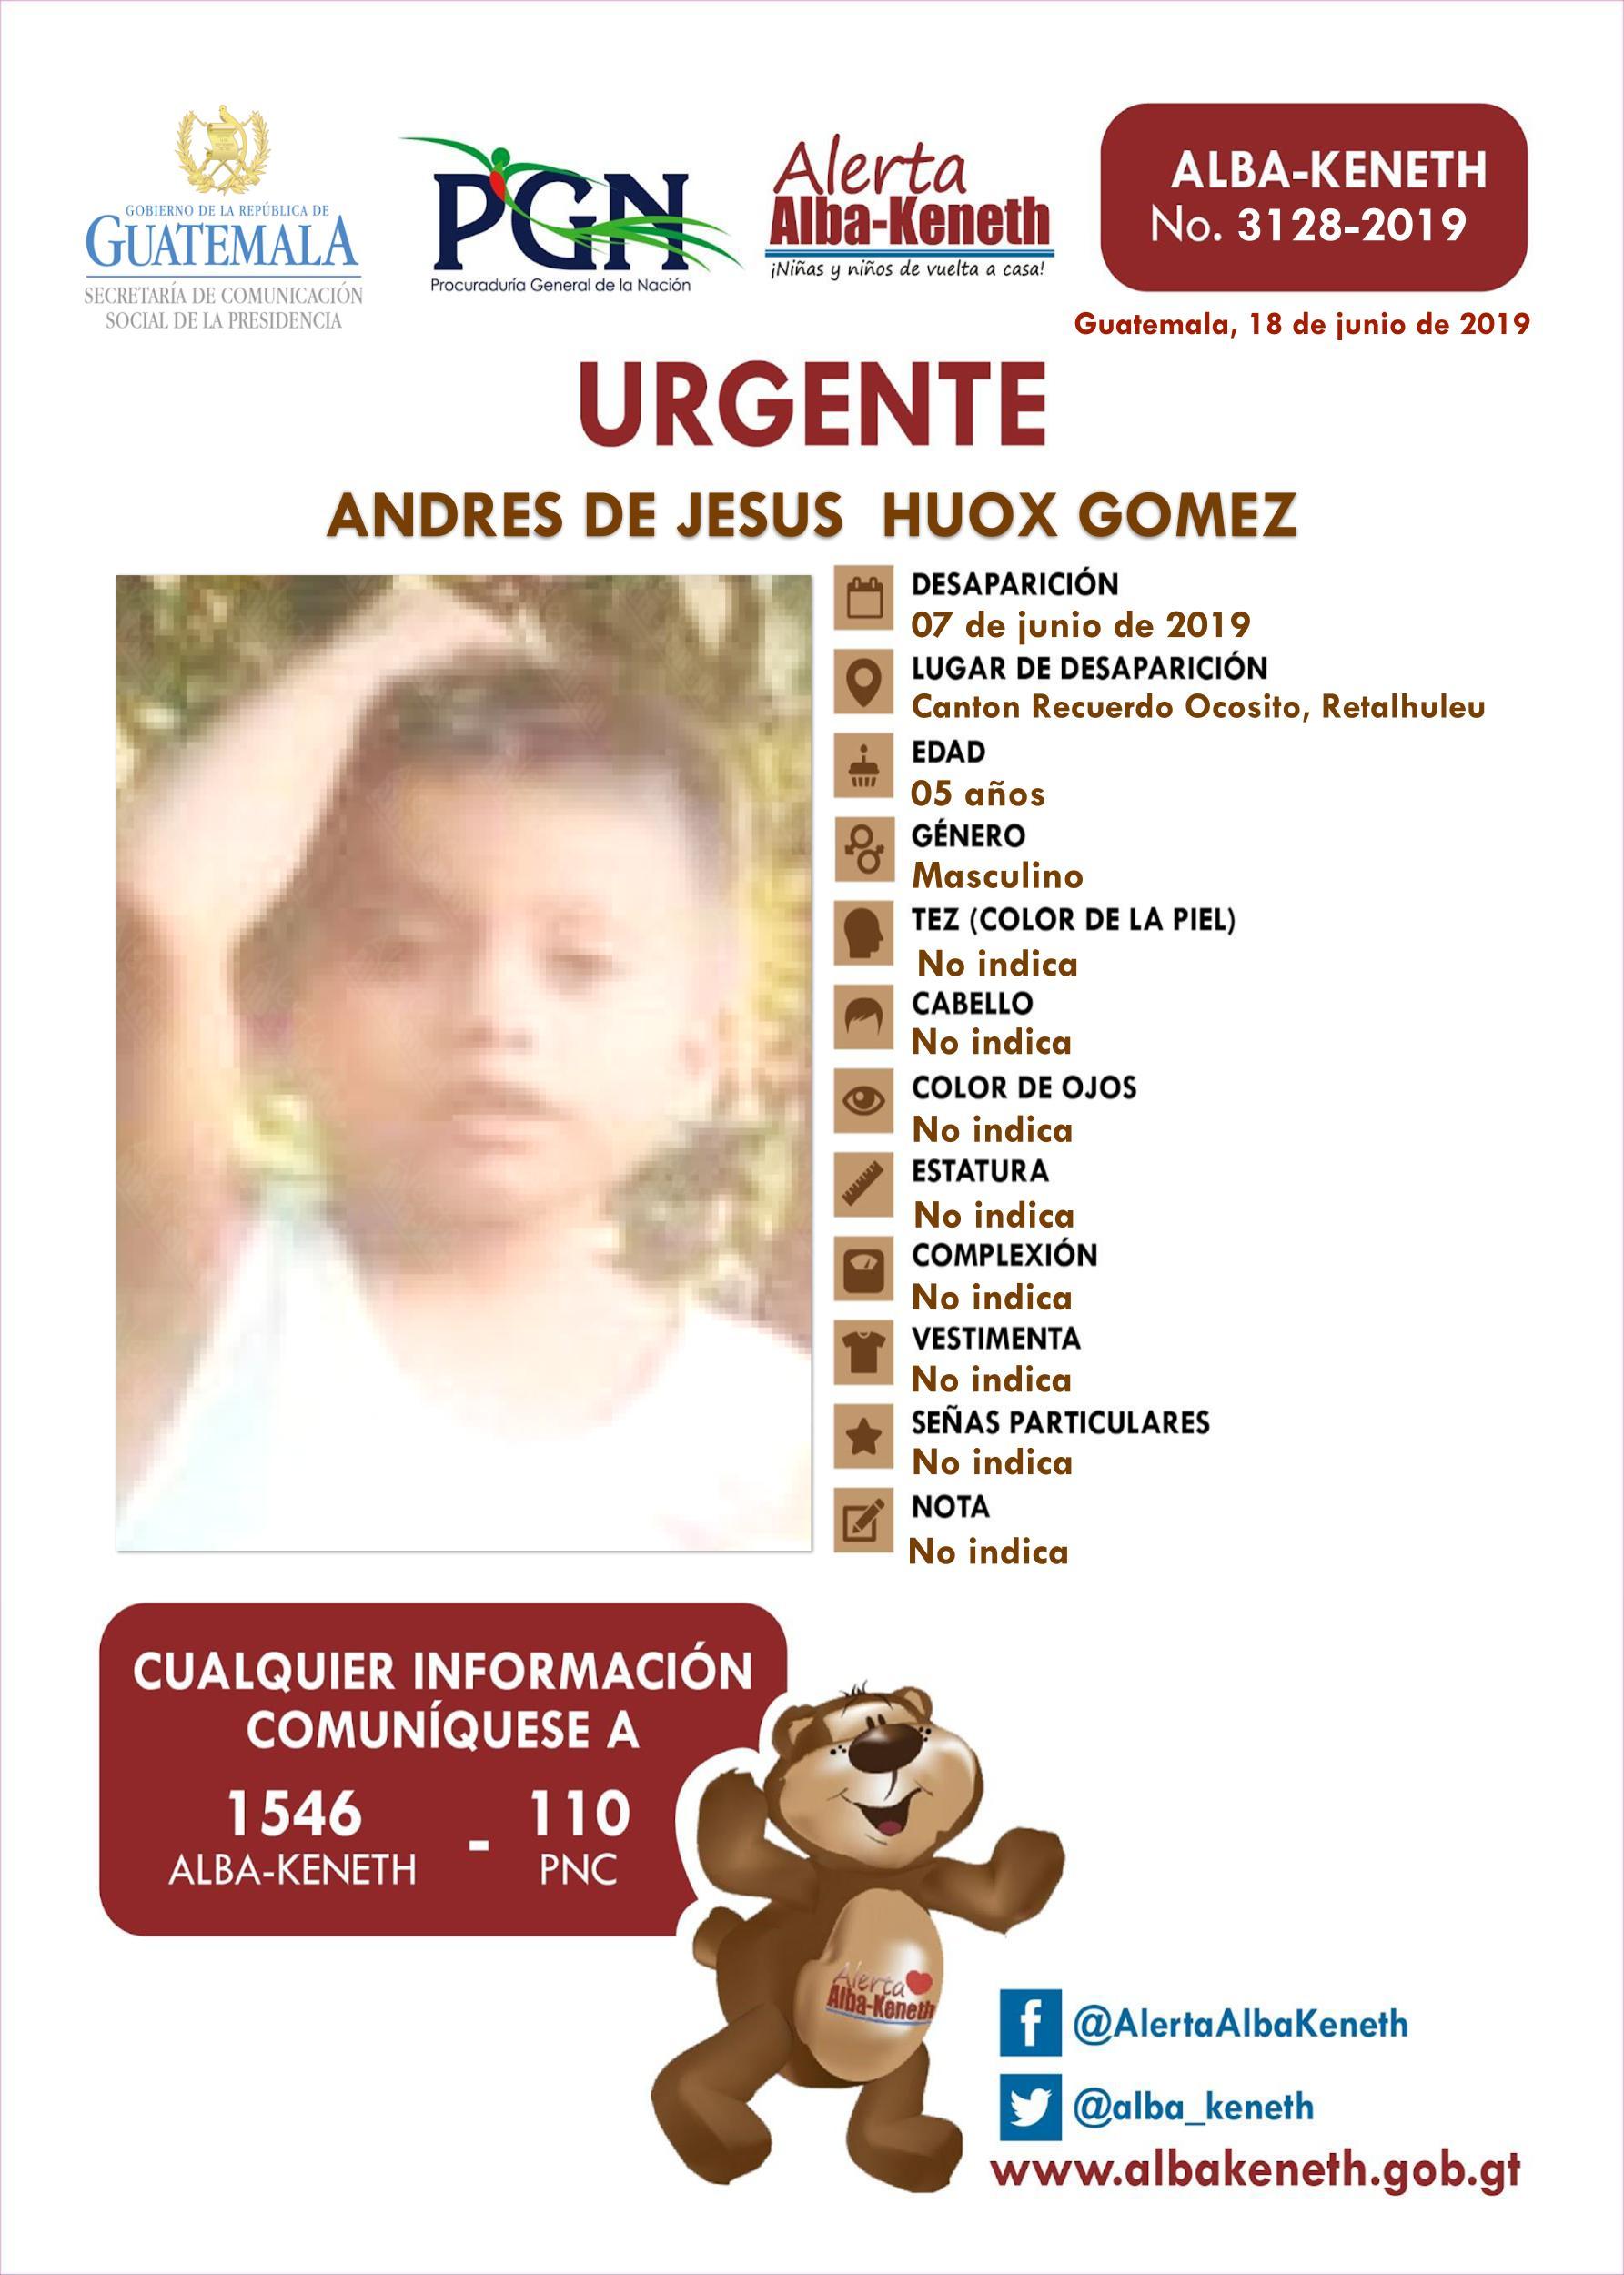 Andres de Jesus Huox Gomez